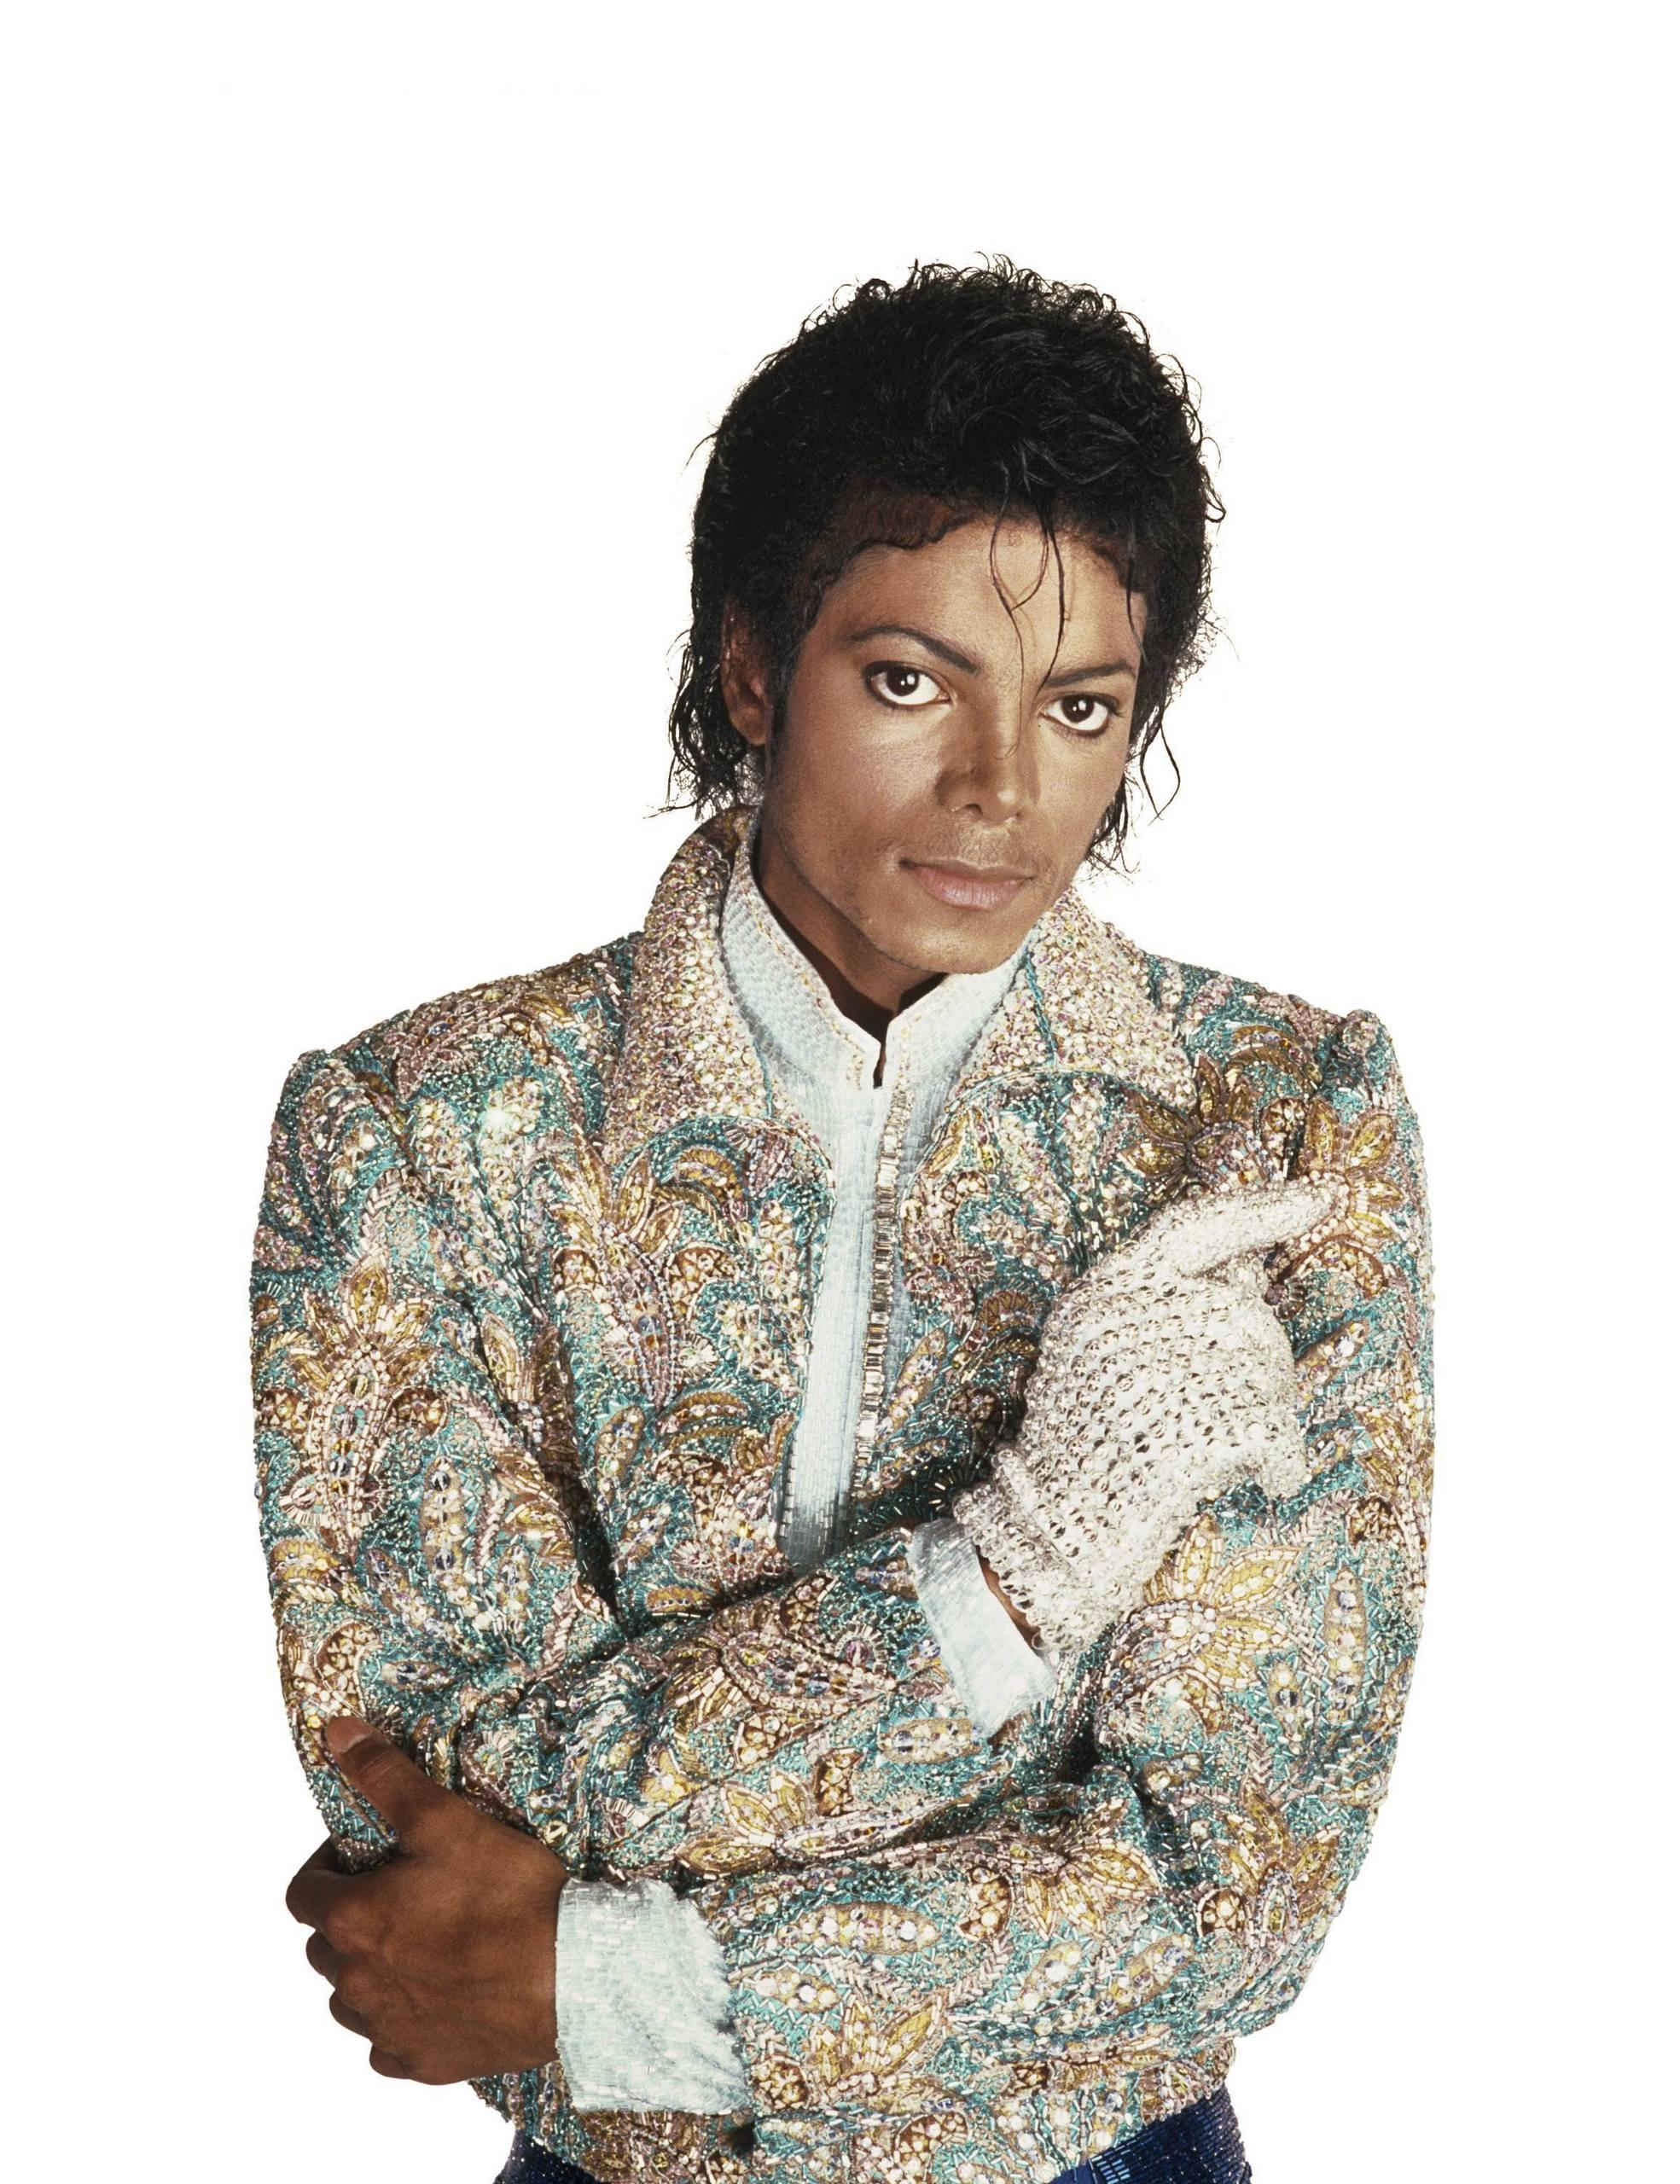 Exquisite MJ